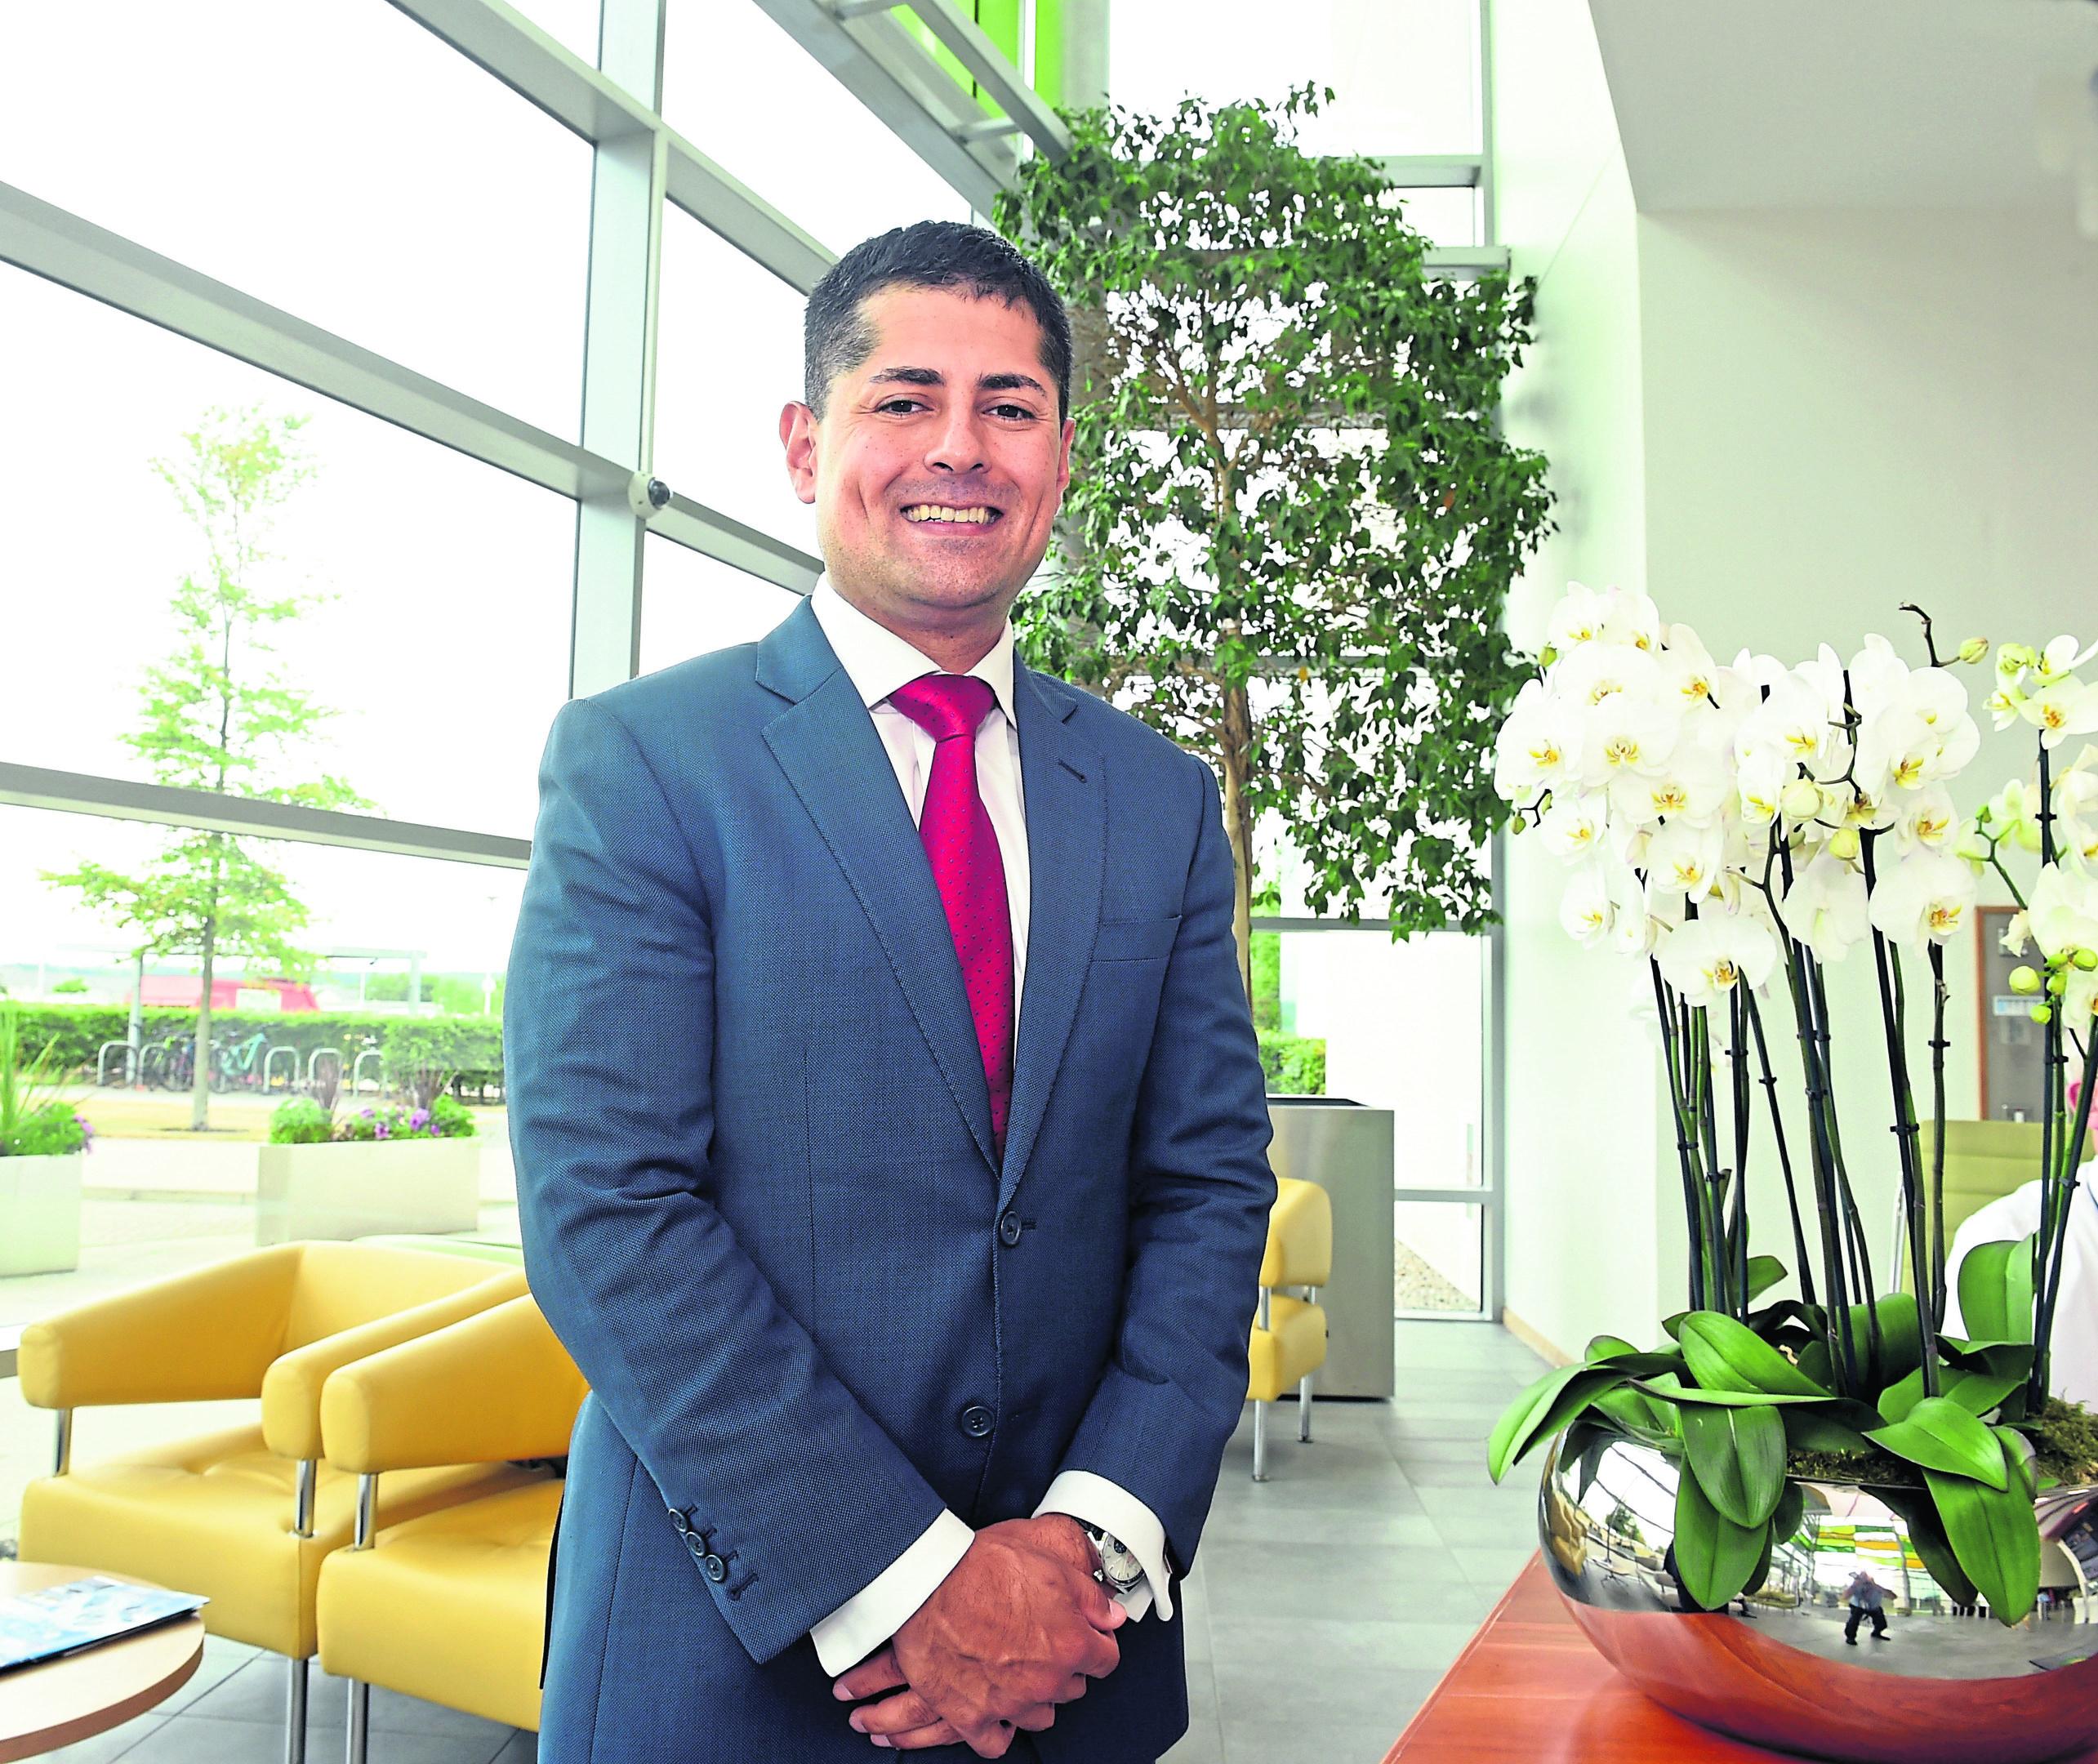 Ariel Flores, UK North Sea head at BP